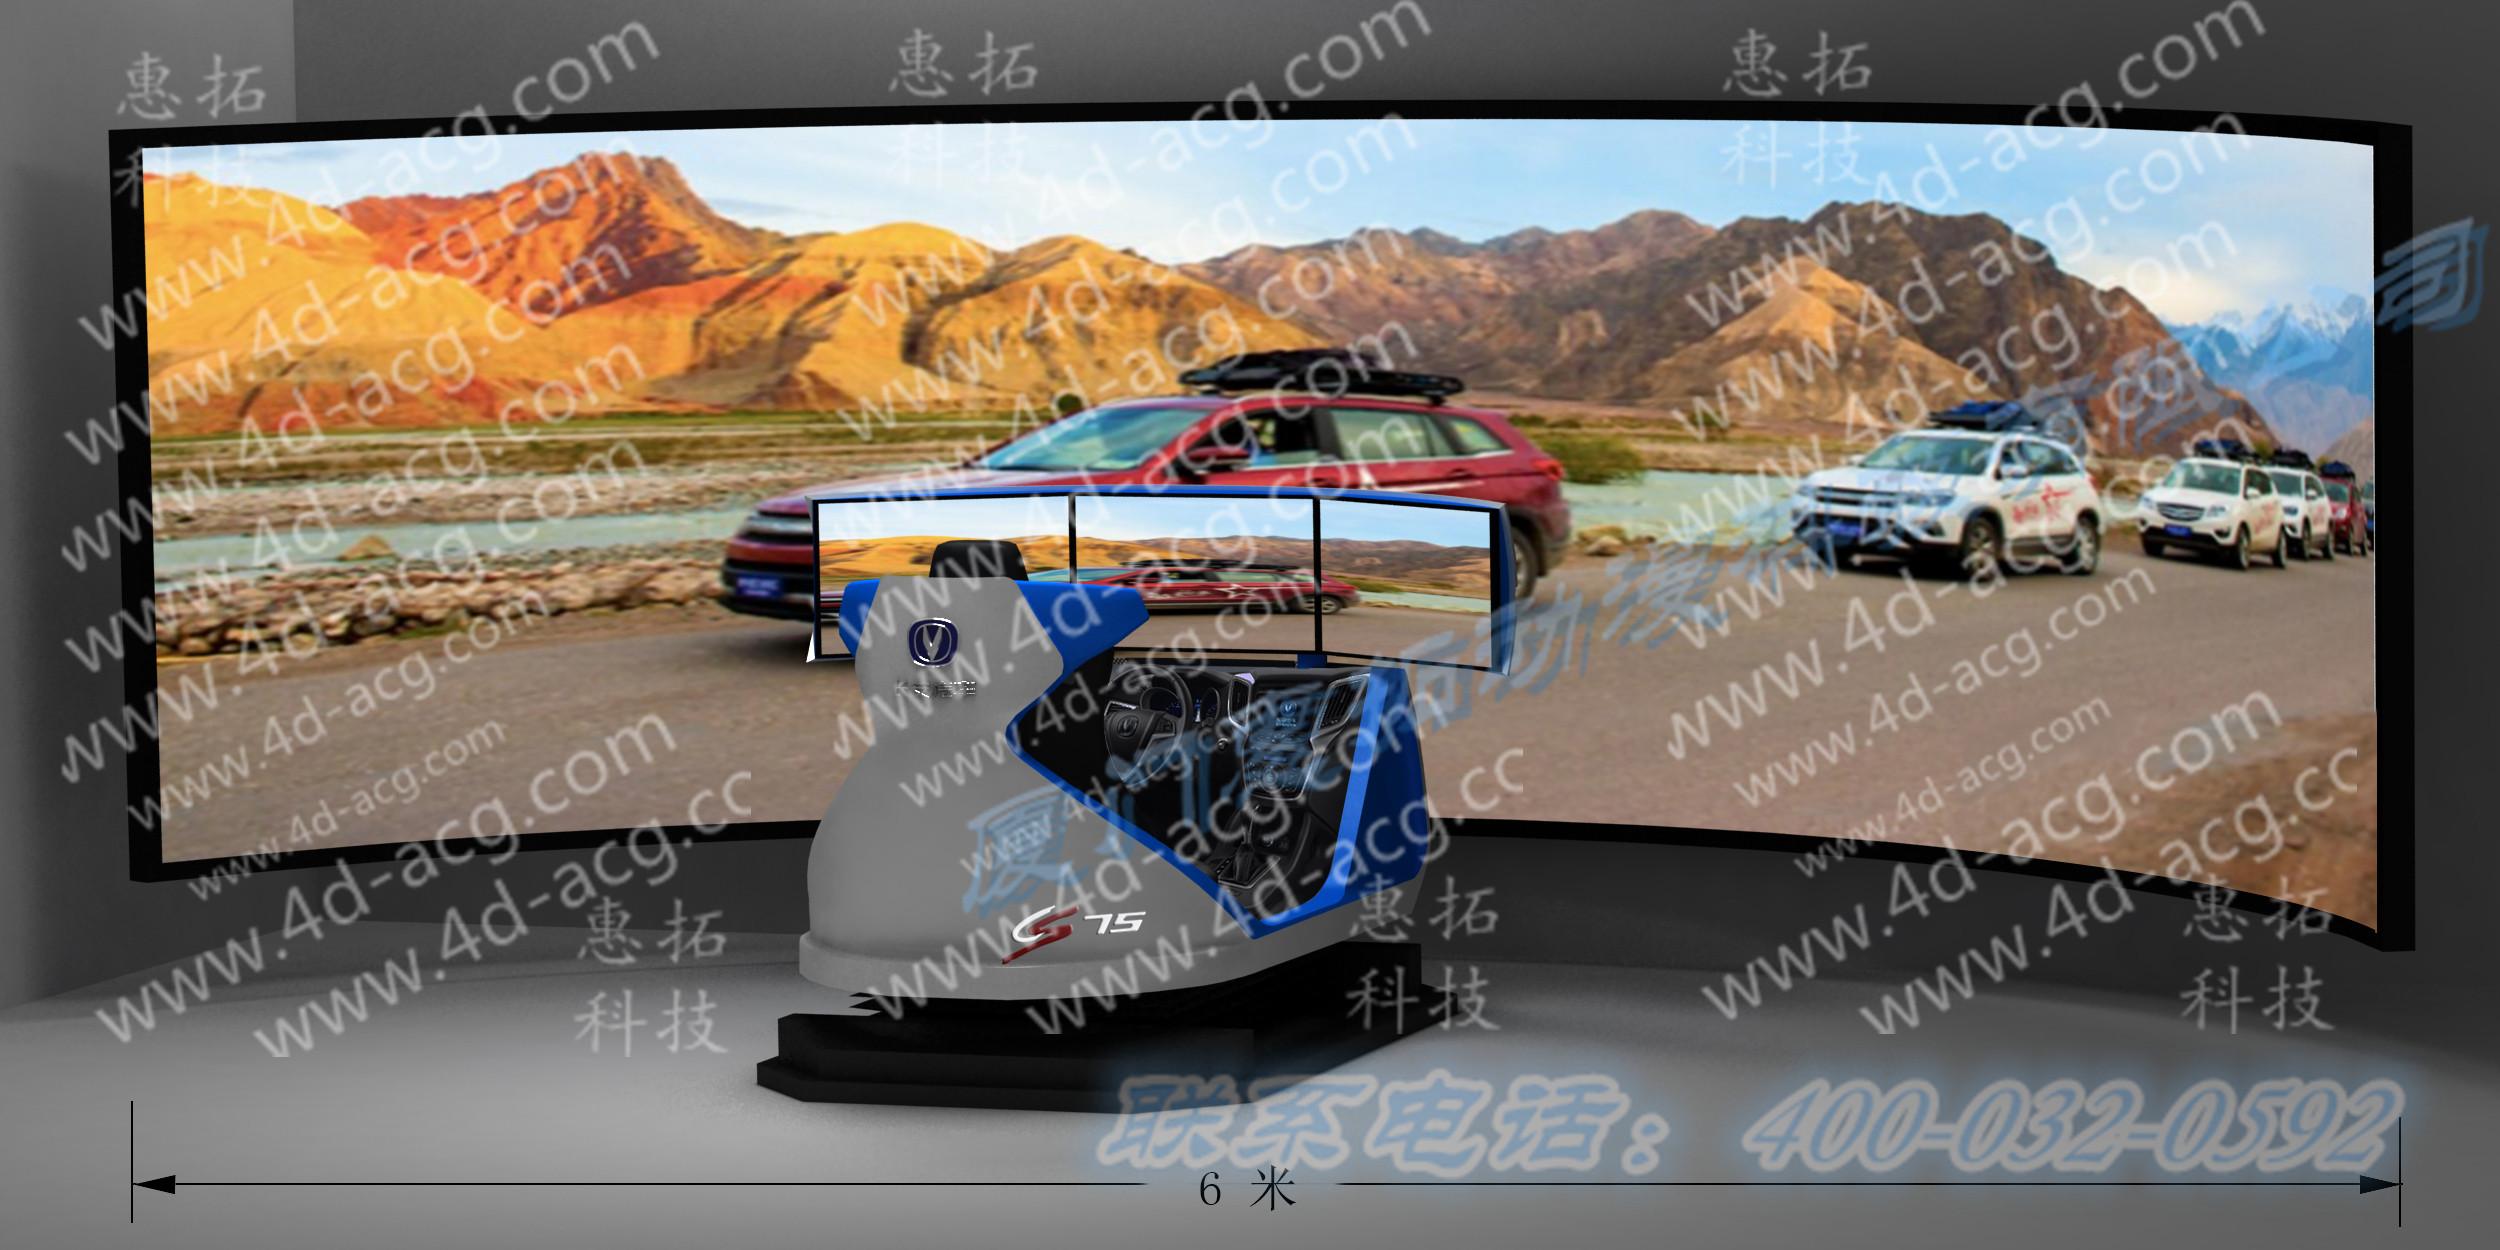 企业提供产品订制,如轮船模拟器,飞机模拟器,坦克模拟